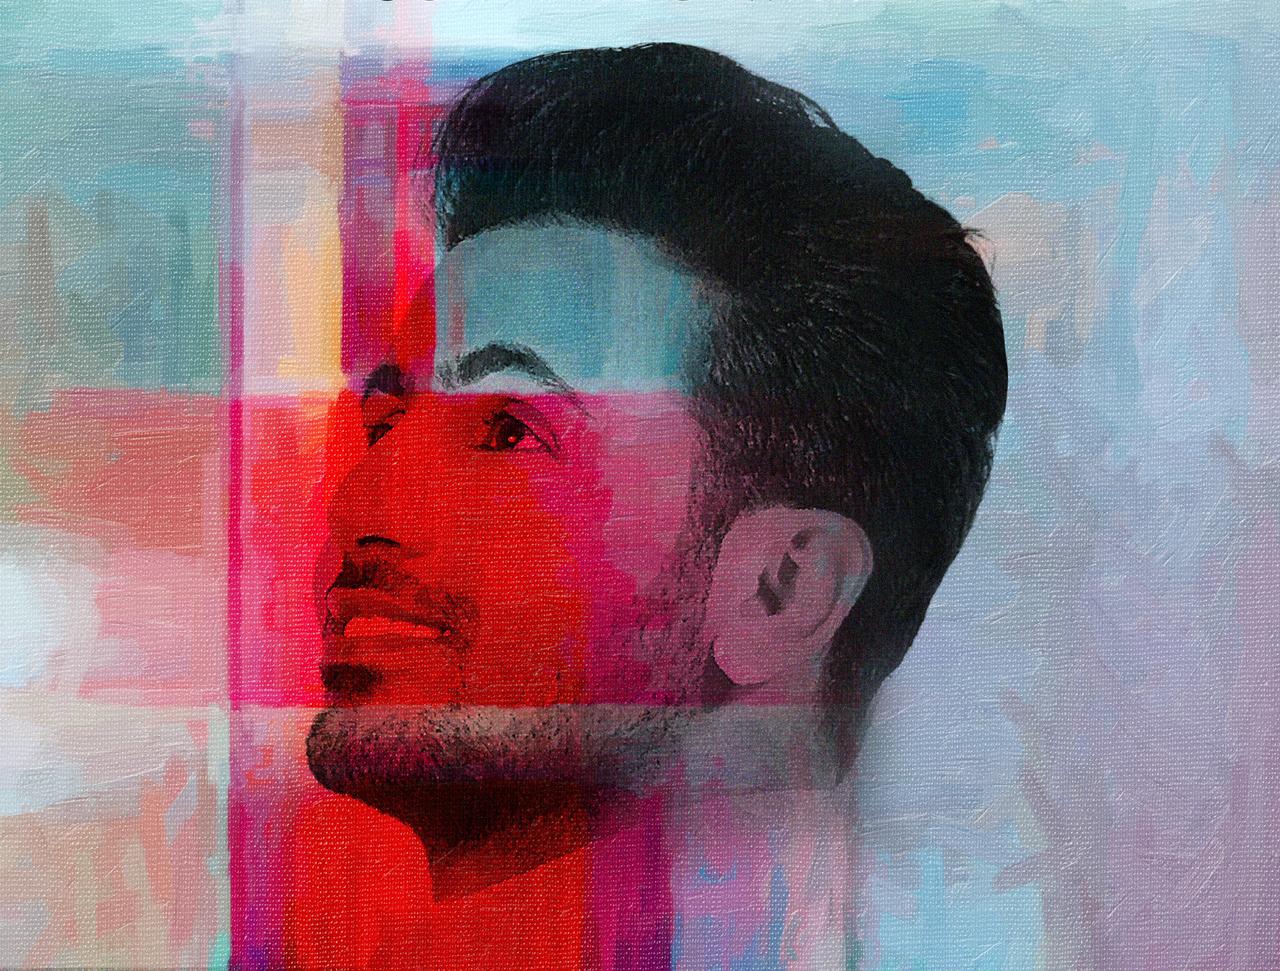 فؤاد عبد الواحد يفقد الذاكرة قبل طرح ألبومه الجديد